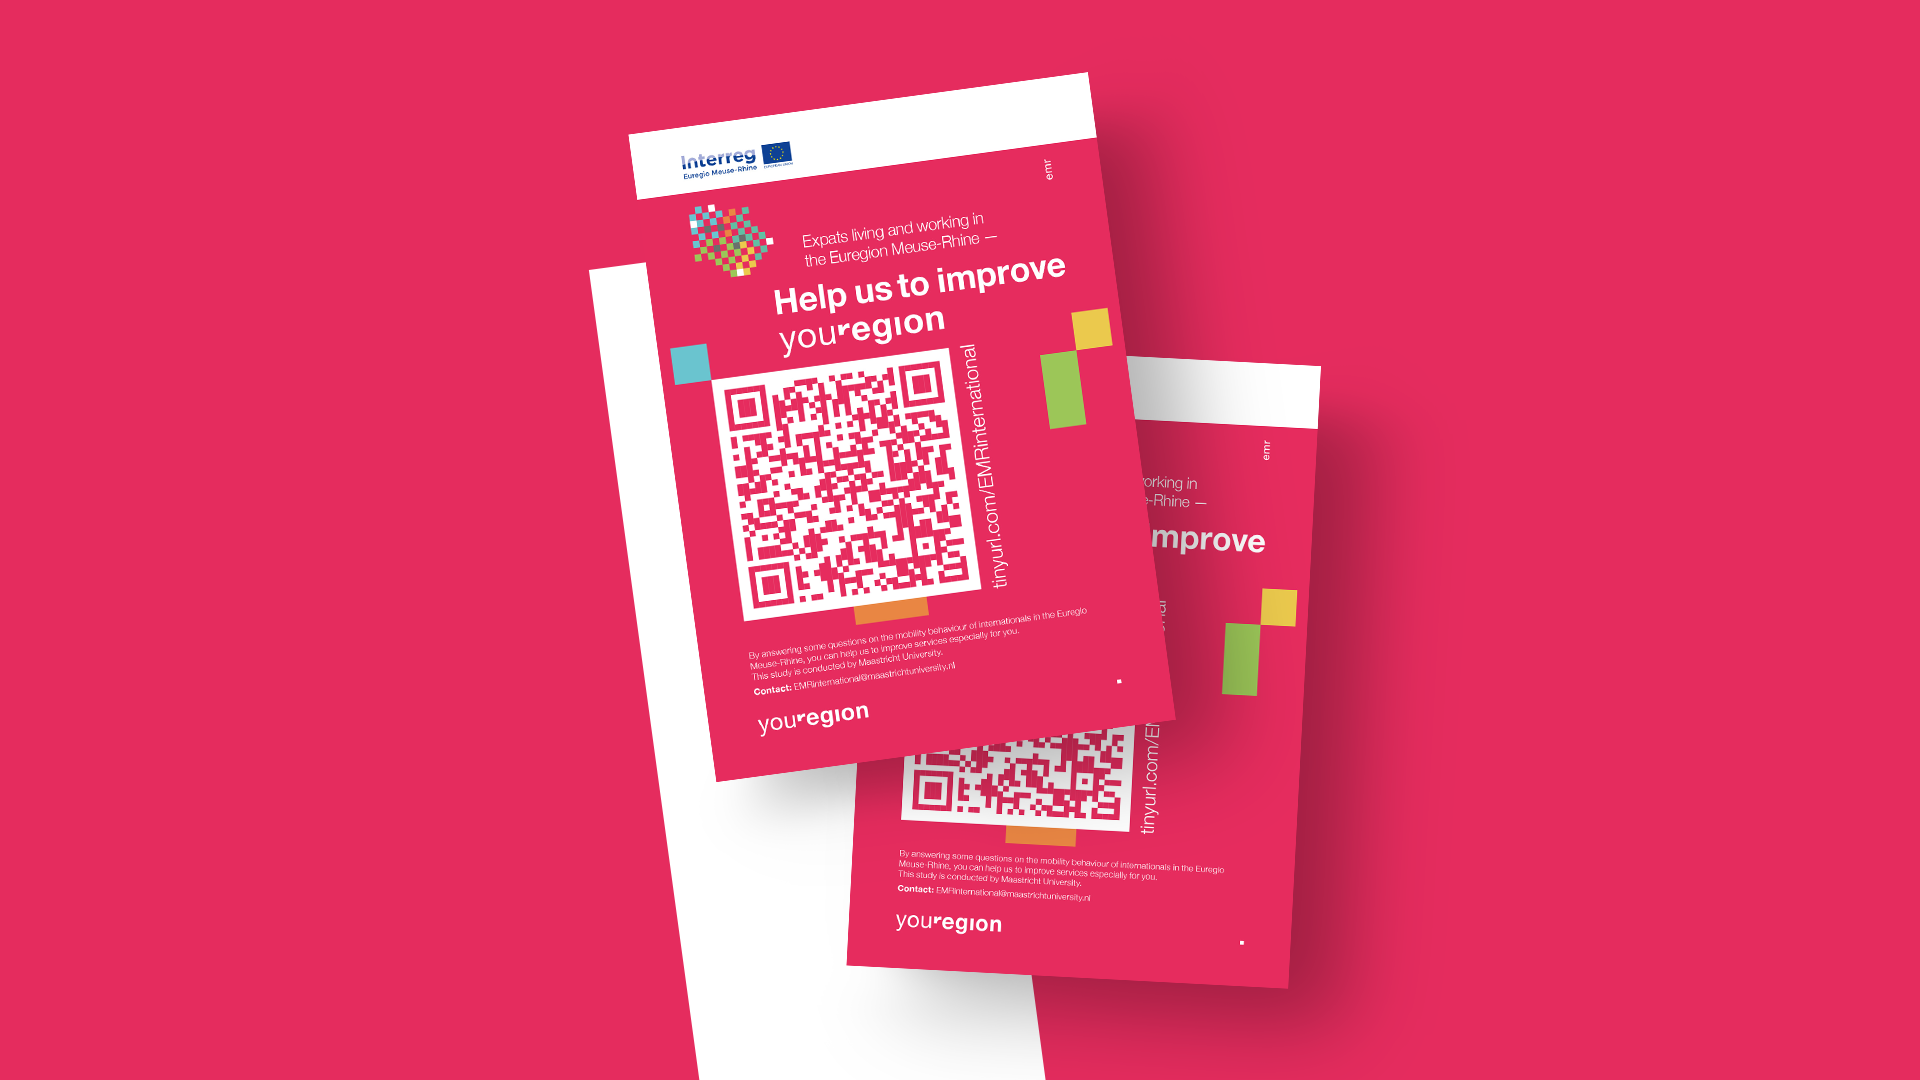 Wurfzettel des Interreg Euregio Maas-Rhein Projektes youRegion mit einem QR-Code für eine Meinungsumfrage.